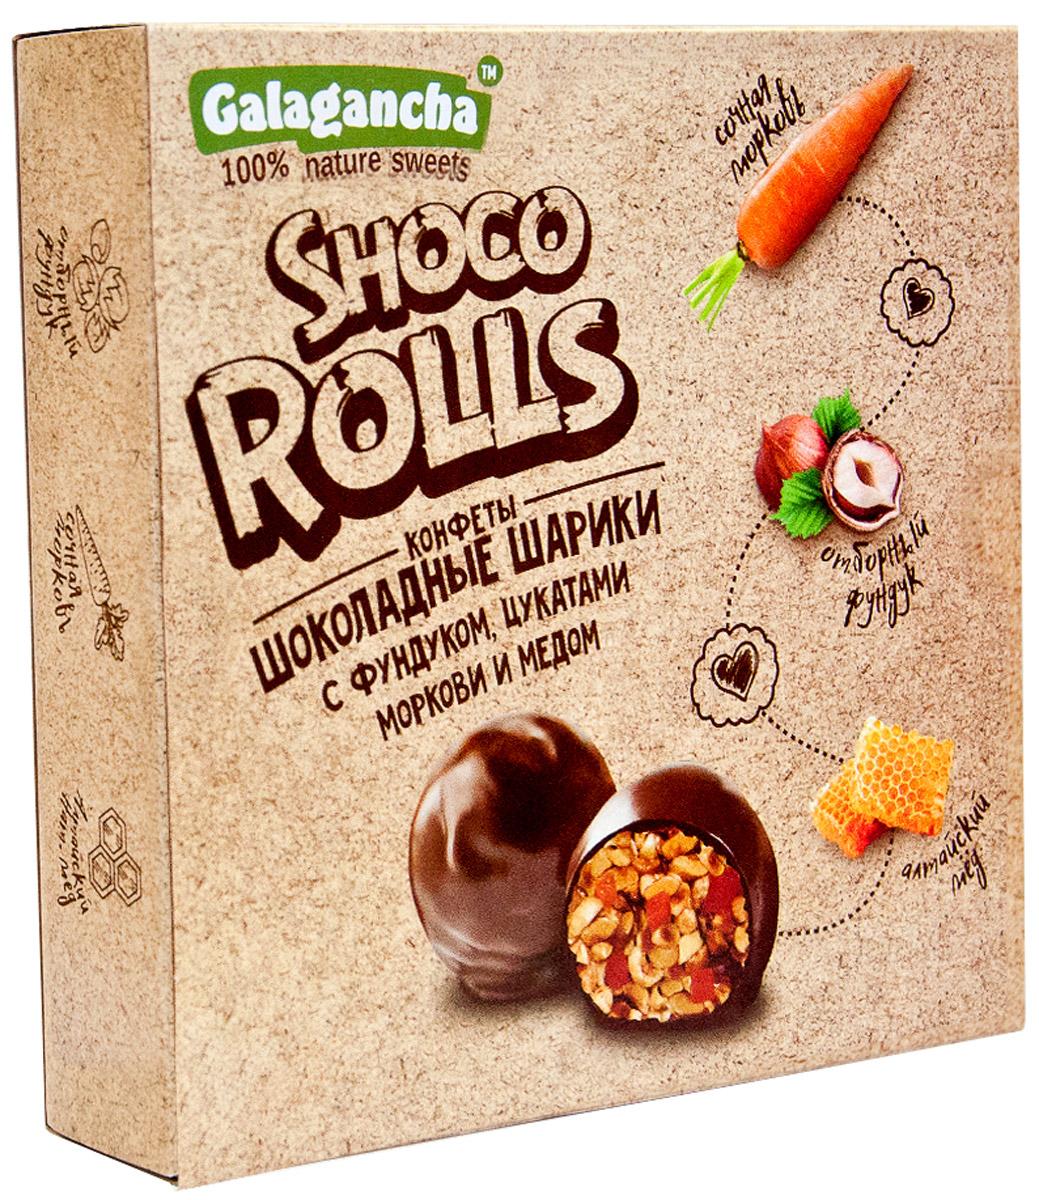 Galagancha Shoco Rolls мягкий грильяж с фундуком, 135 г0120710100% натуральные;сниженное содержание сахара;ручная работа;идеально обжаренный фундук в сочетании с цукатами моркови сорта Шантане с настоящим алтайским медом;Galagancha - может быть превосходным подарком, а может быть приятными минутами домашнего вечера, а может быть…Уважаемые клиенты! Обращаем ваше внимание, что полный перечень состава продукта представлен на дополнительном изображении.